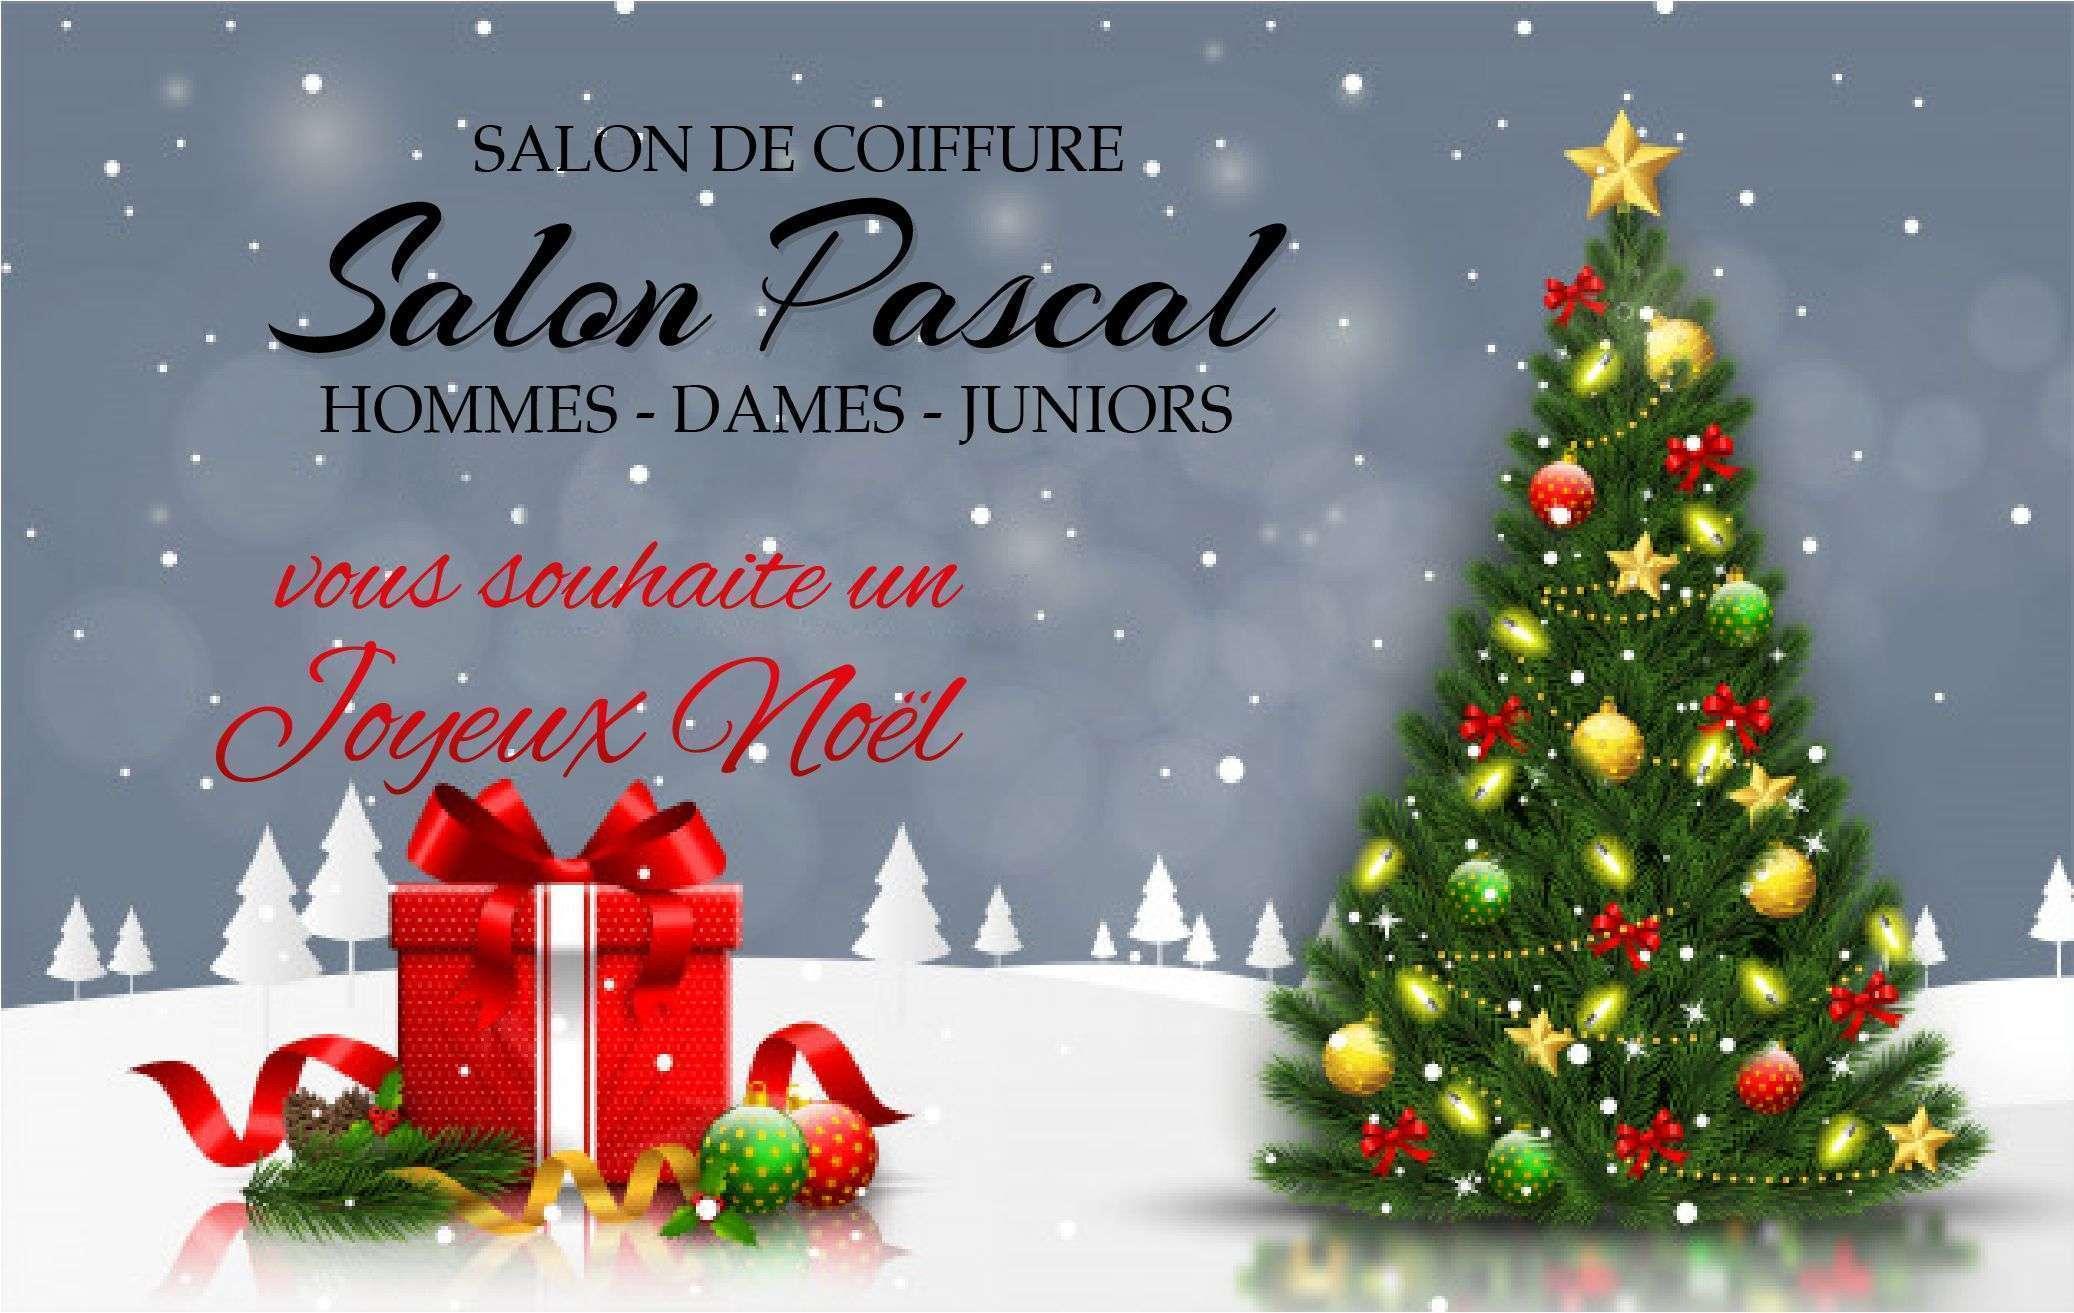 Salon Pascal vous souhaite un Joyeux Noël